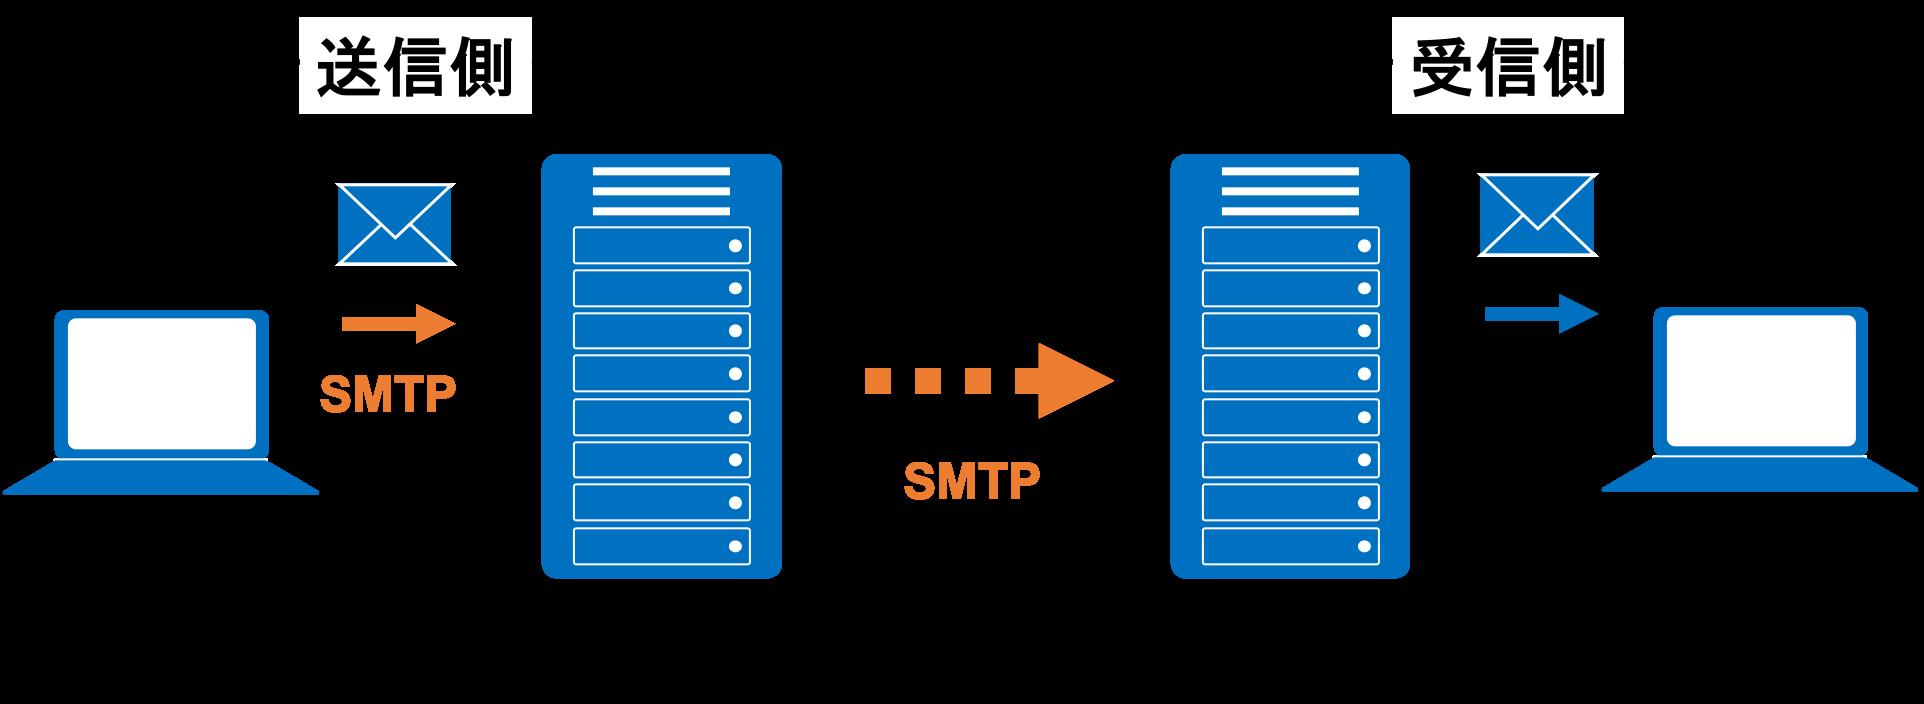 SMTPとは